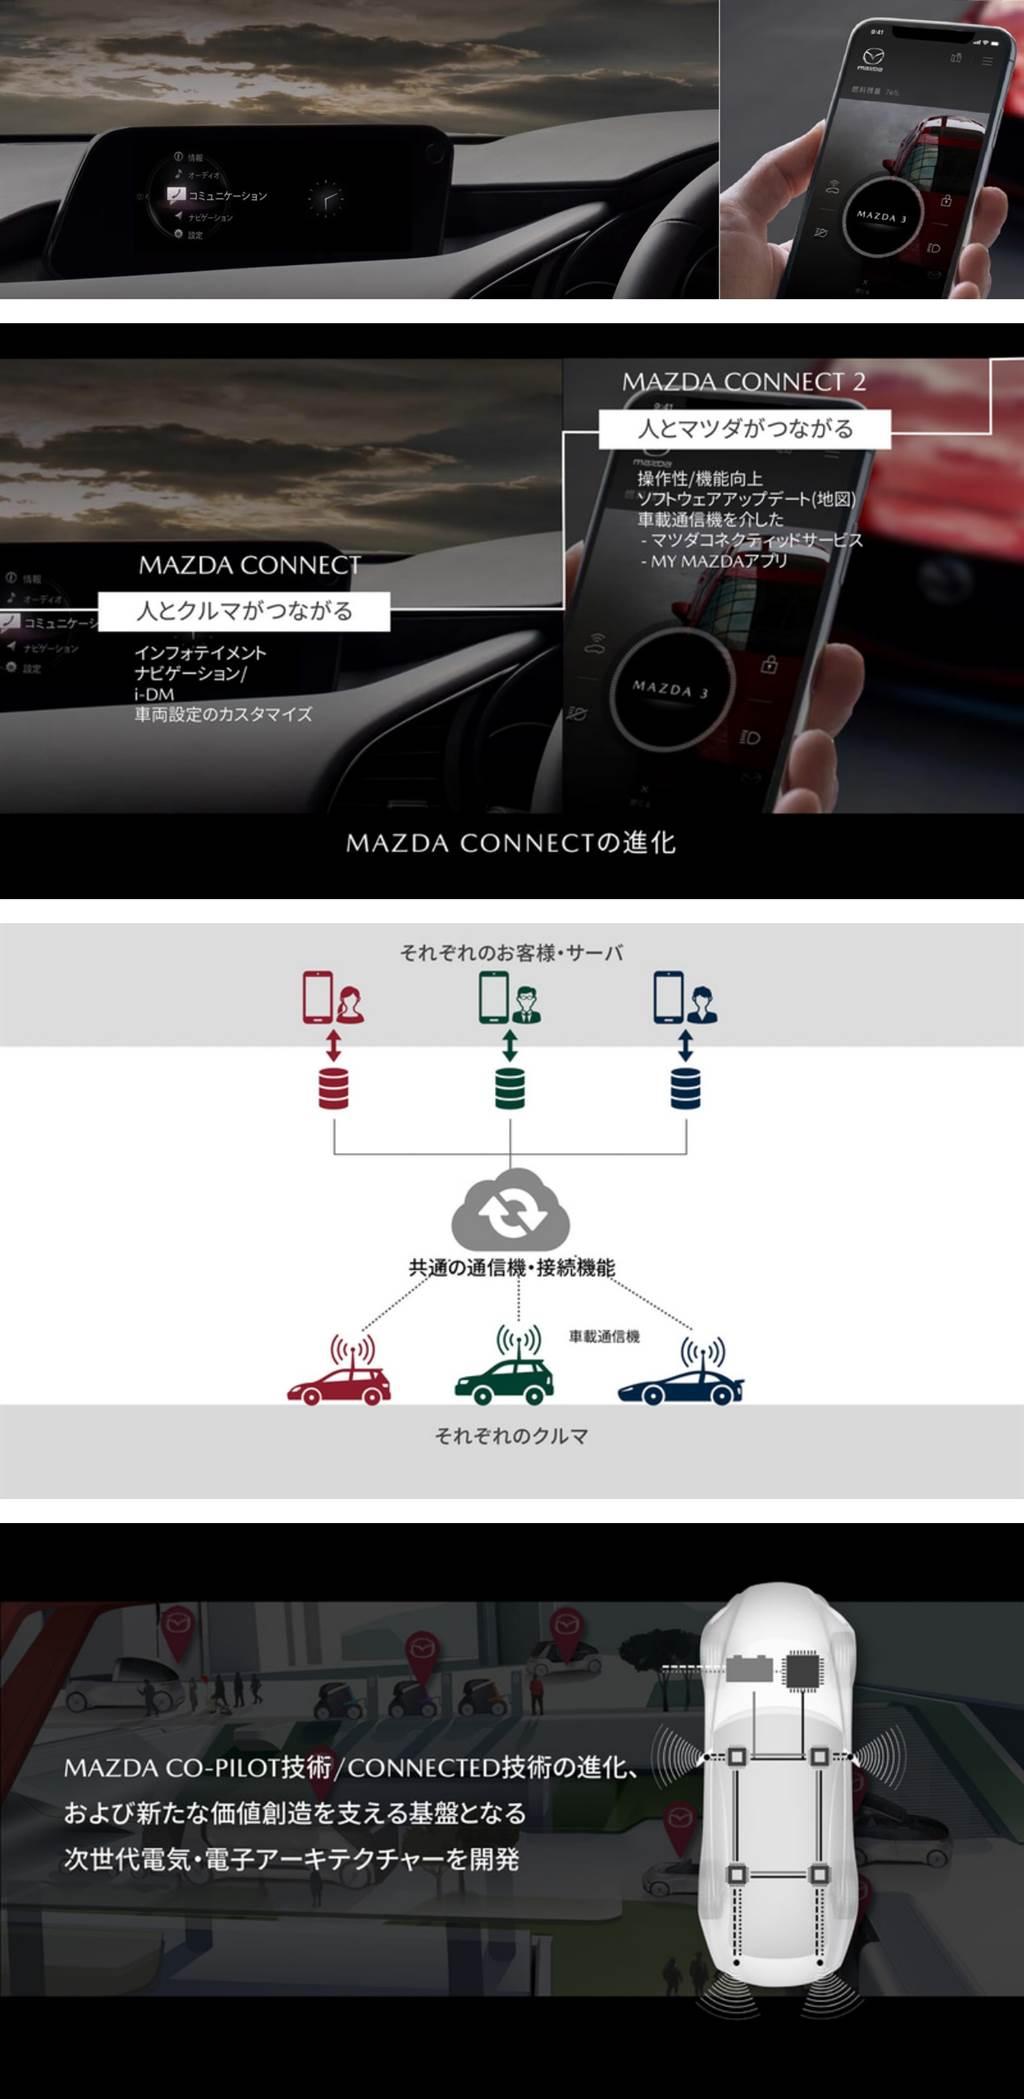 """基於「""""Zoom-Zoom"""" 永續發展宣言 2030」Mazda 發表至 2030 年全新技術和產品政策藍圖!"""